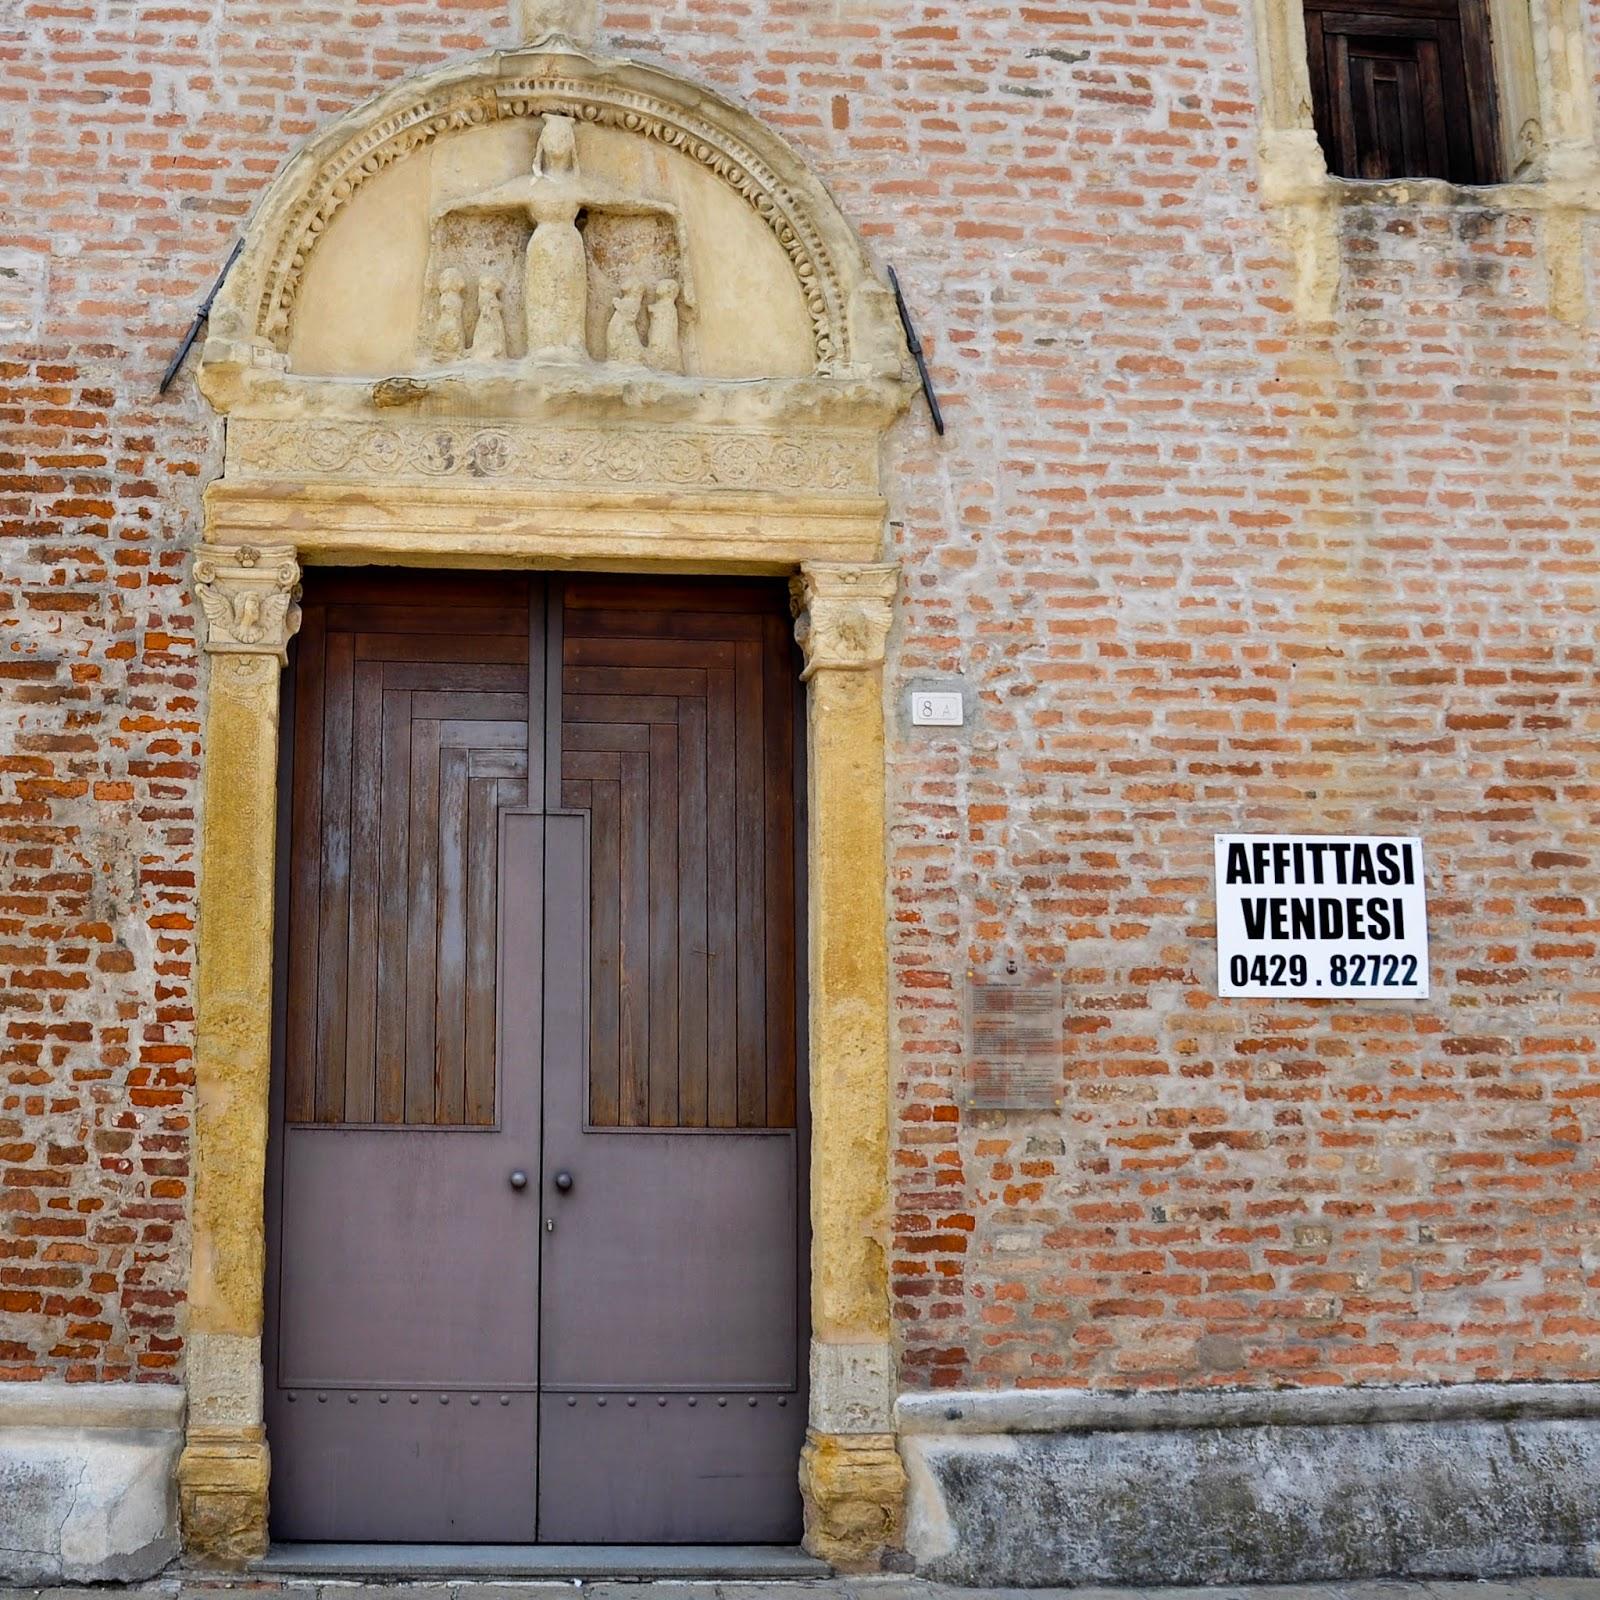 The Old Hospital of the Nativity in Montagnana, Veneto, Italy